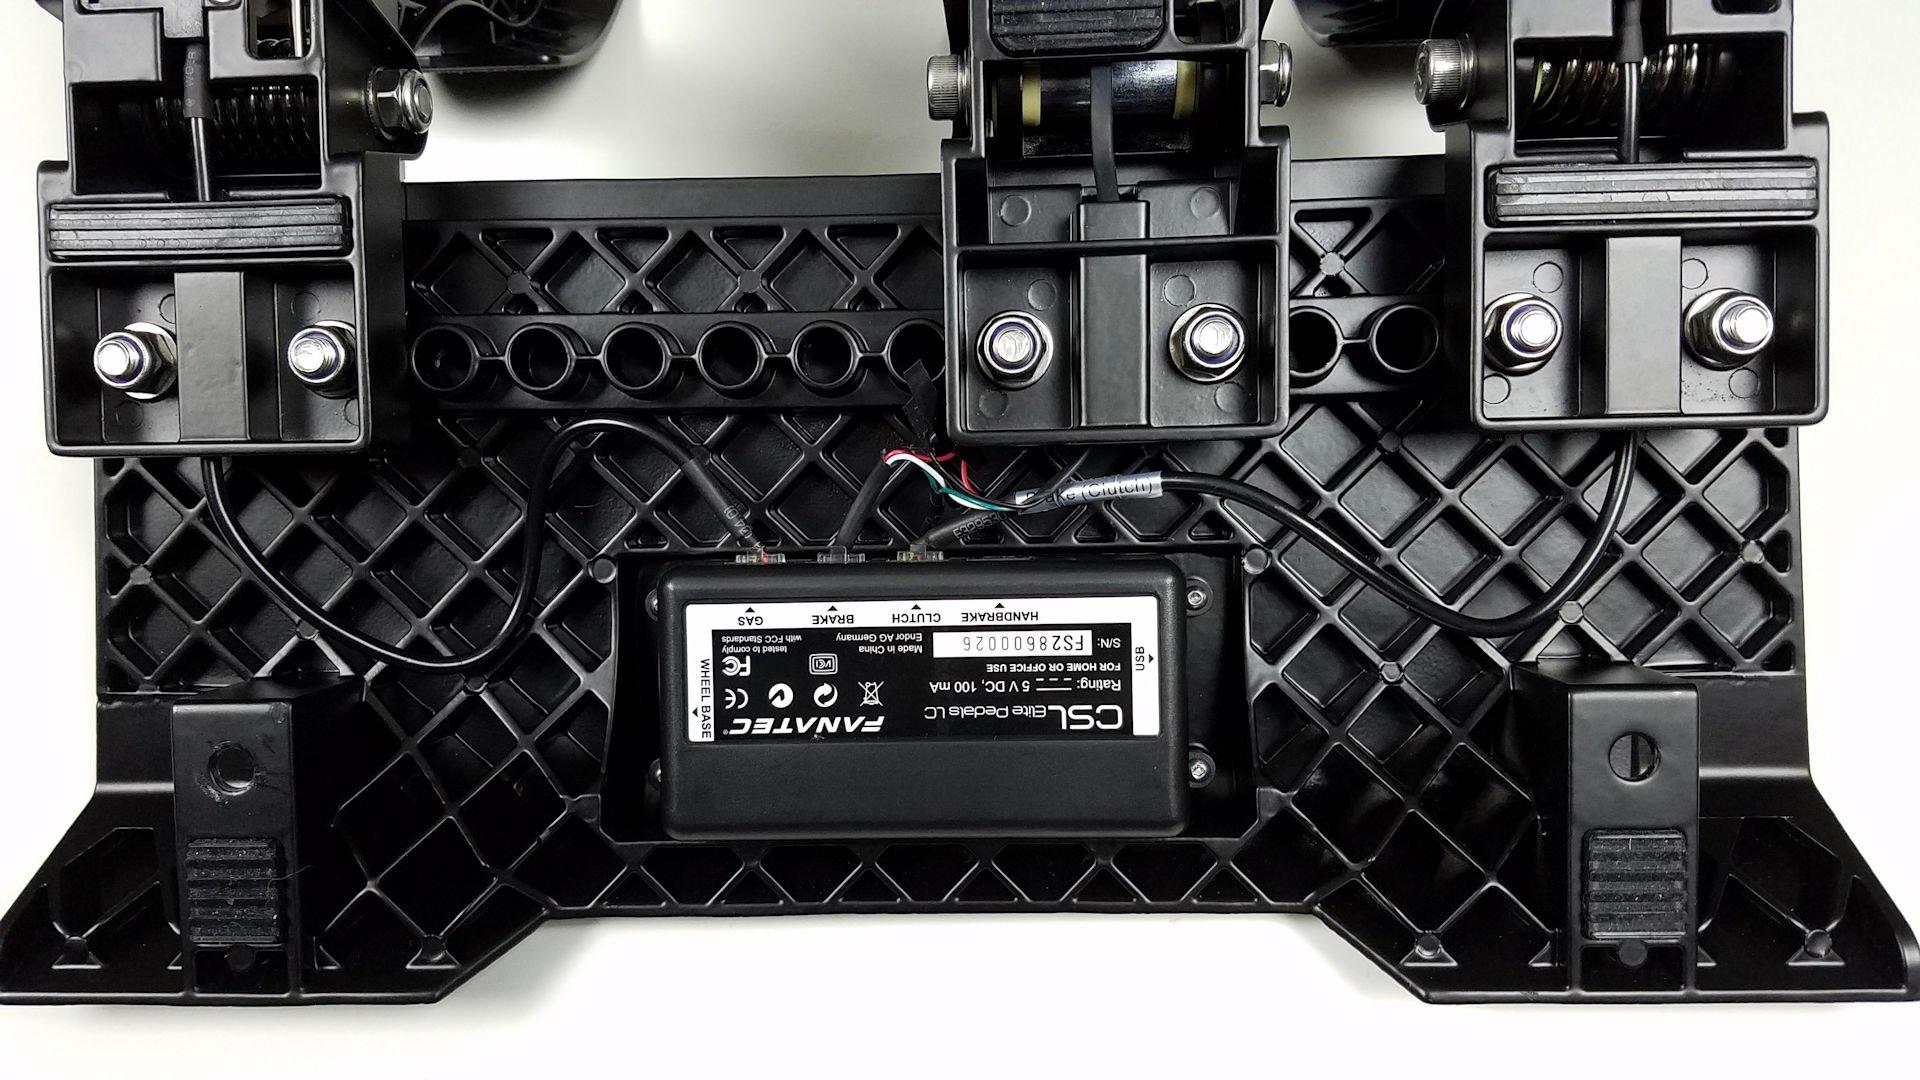 fanatec-csl-elite-pedals-lc-05